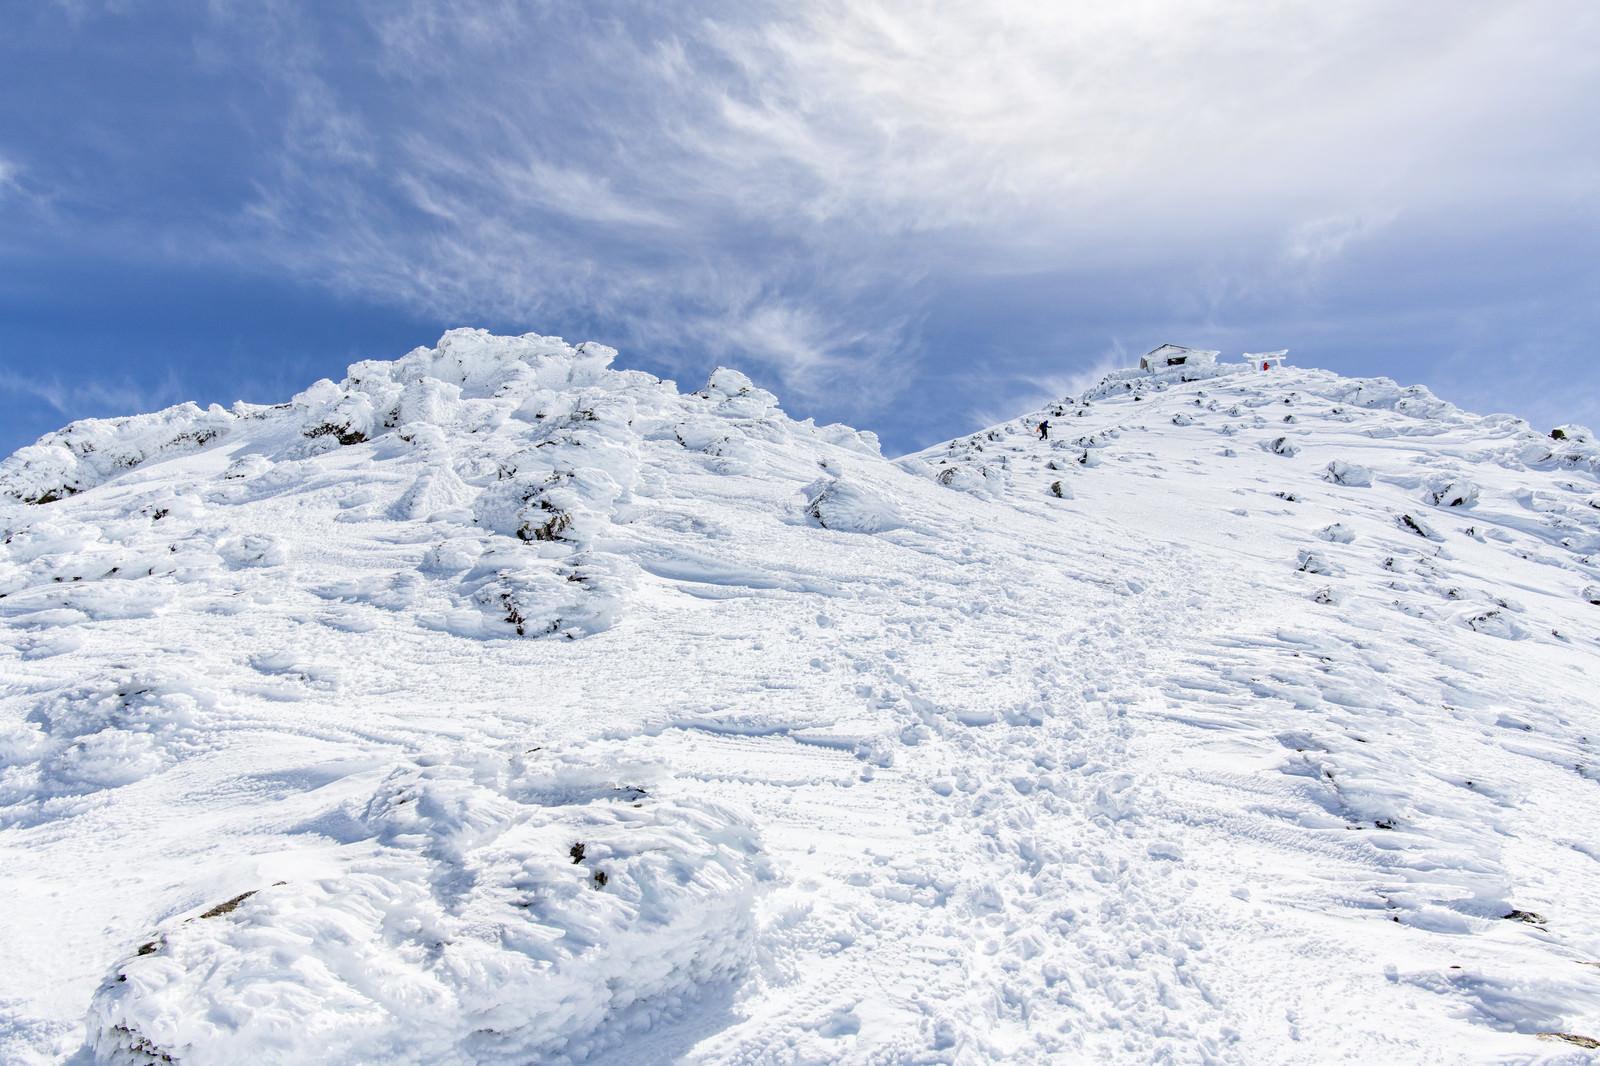 「冬の乗鞍岳山頂を望む景色(飛騨山脈)」の写真